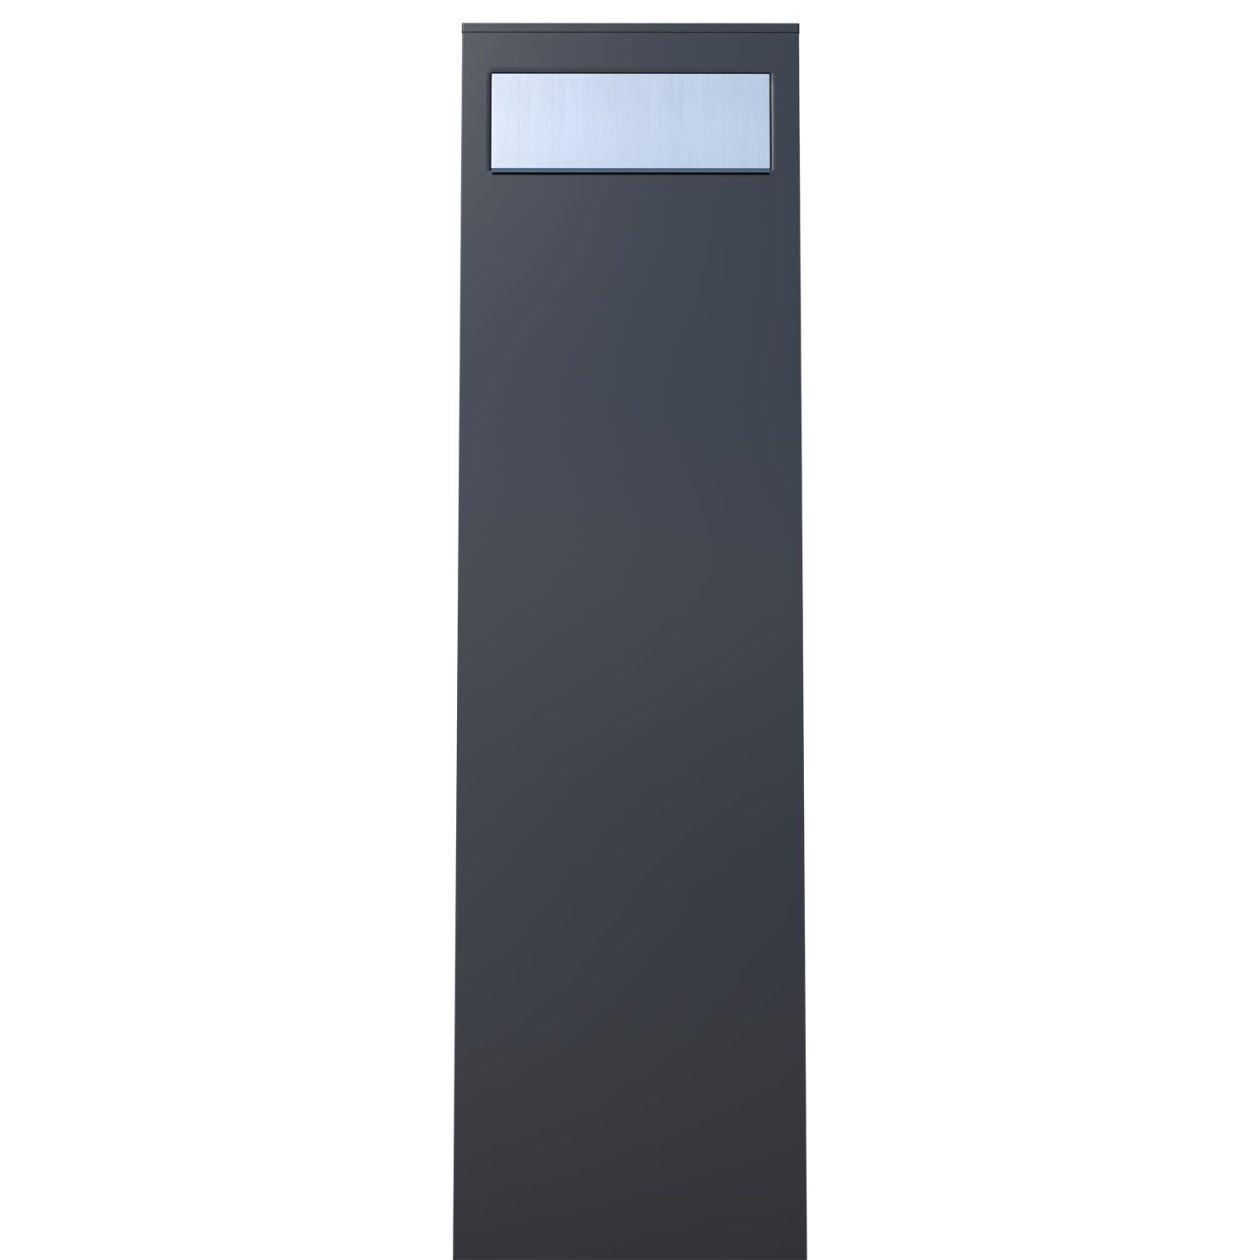 Bo/îte aux lettres sur pied /bravios design Bo/îte aux lettres Motif kurkh Noir//Inox/